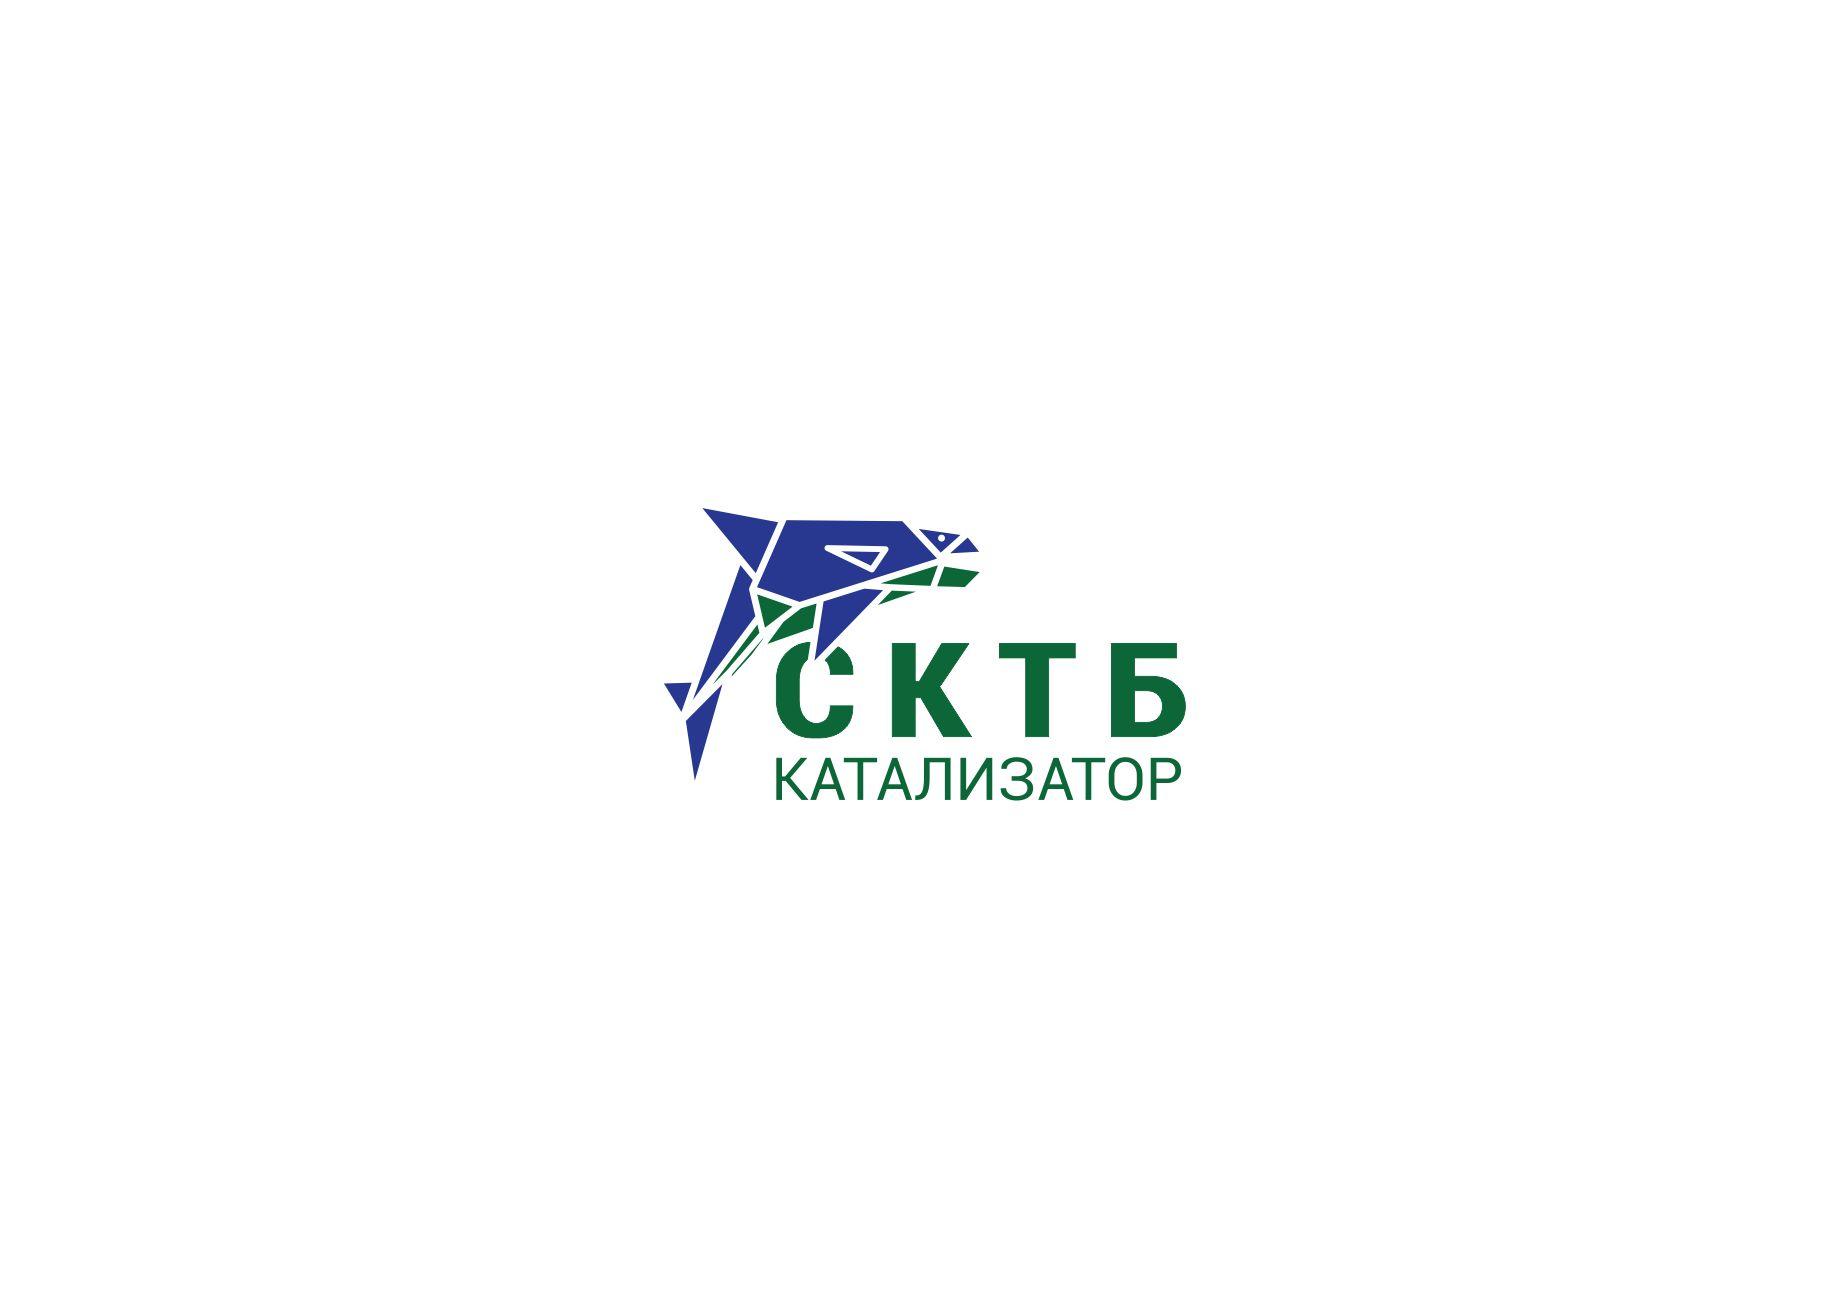 Разработка фирменного символа компании - касатки, НЕ ЛОГОТИП фото f_1305afe56b26be5f.jpg